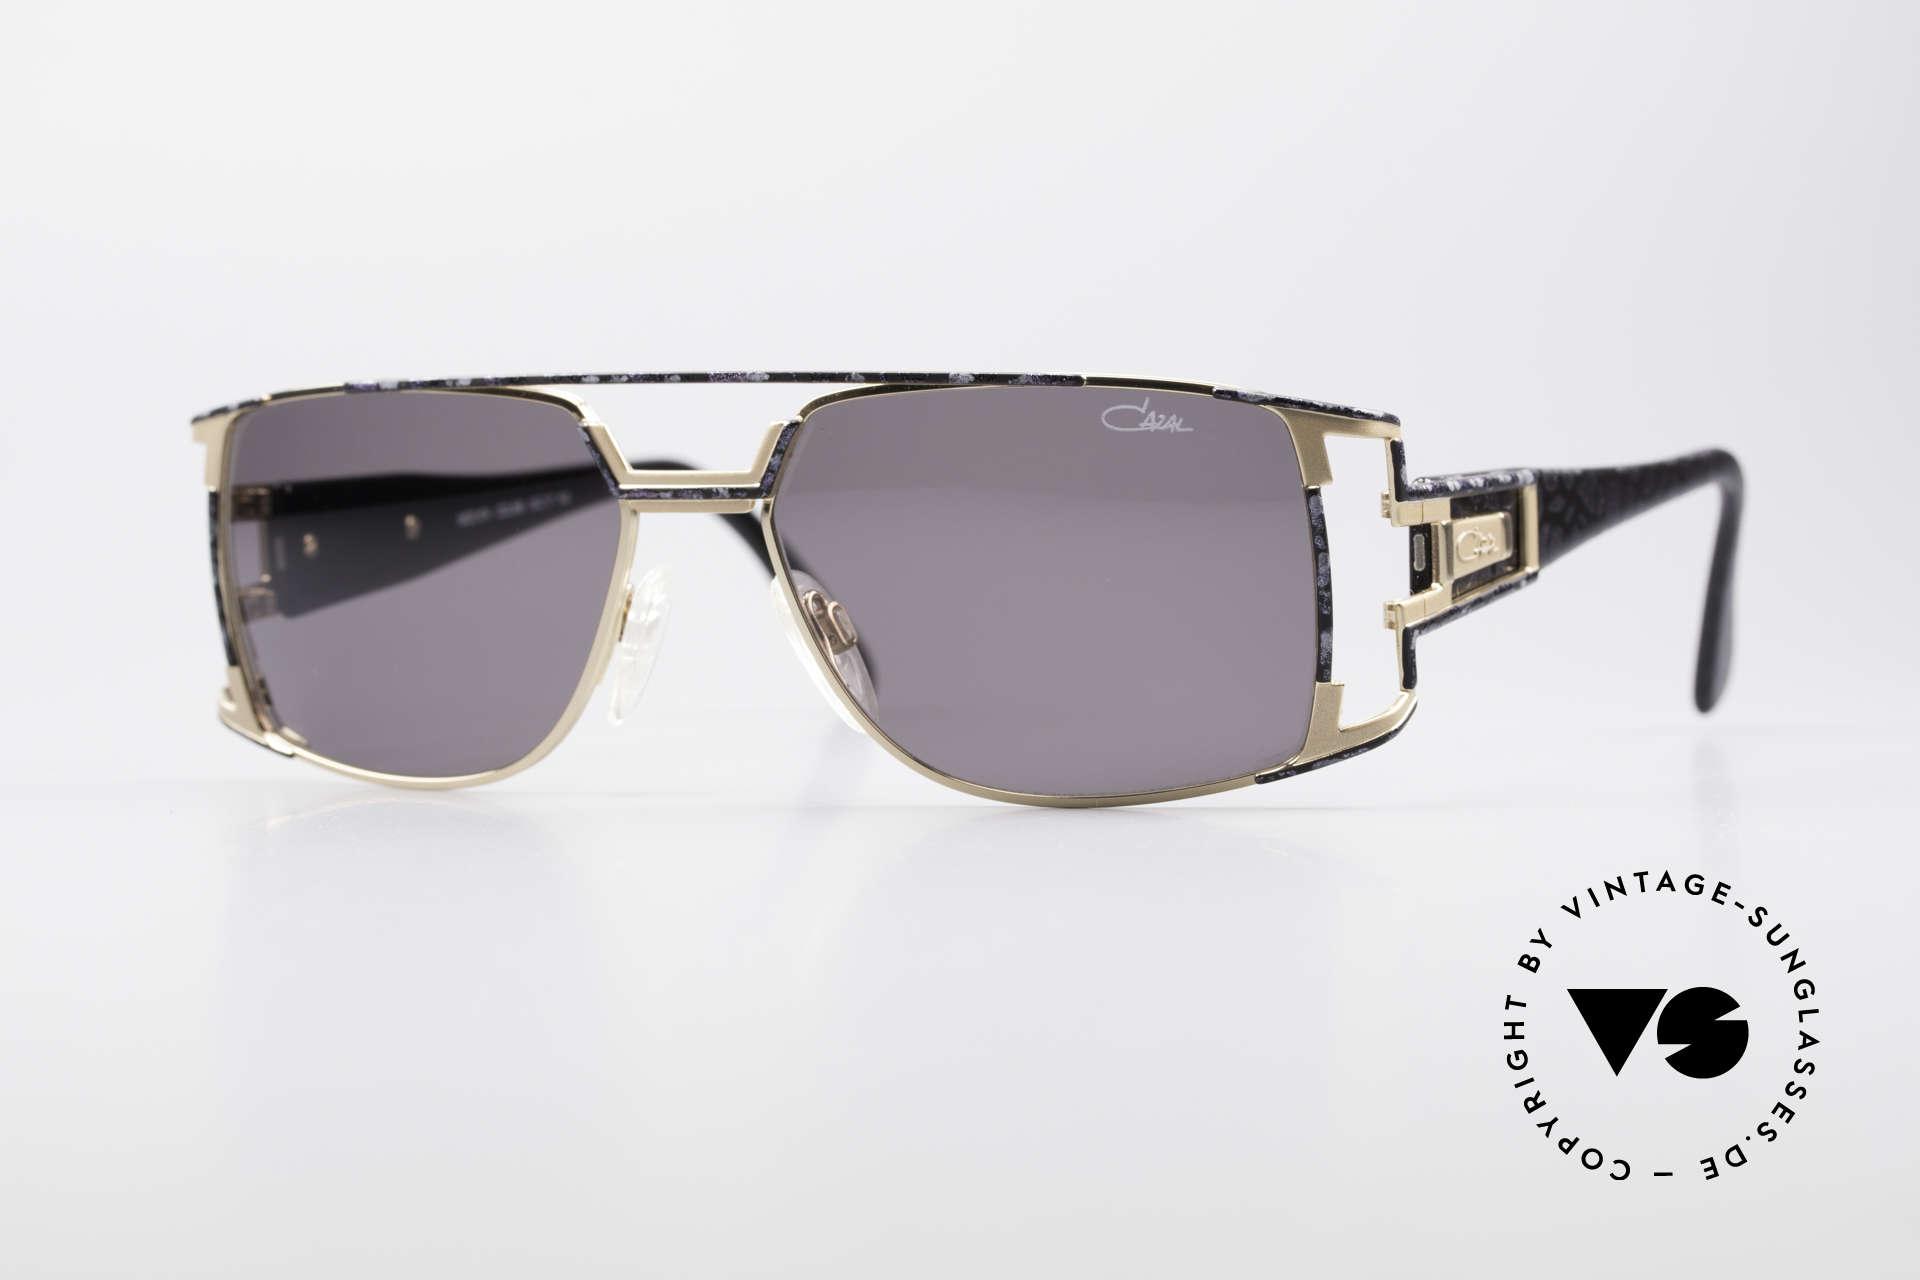 Cazal 974 Unisex Brille Damen Herren, vintage CAZAL unisex Designer-Sonnenbrille von 1997, Passend für Herren und Damen